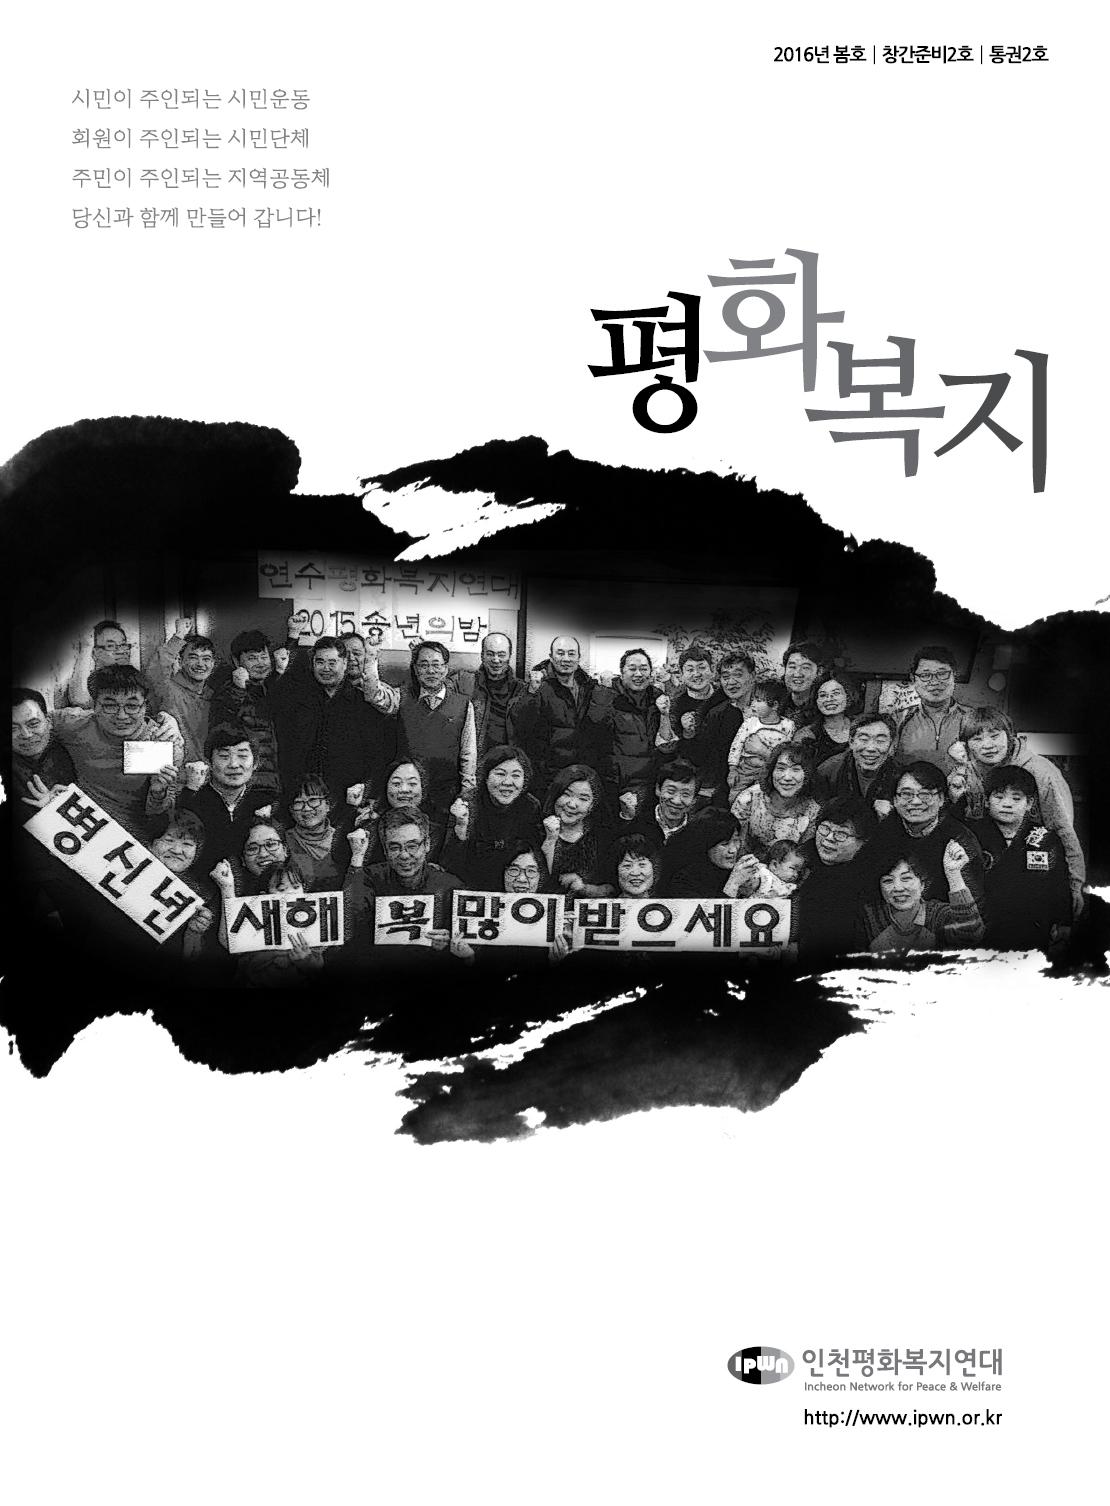 아웃라인 인천평화복지연대 창간준비2호.jpg